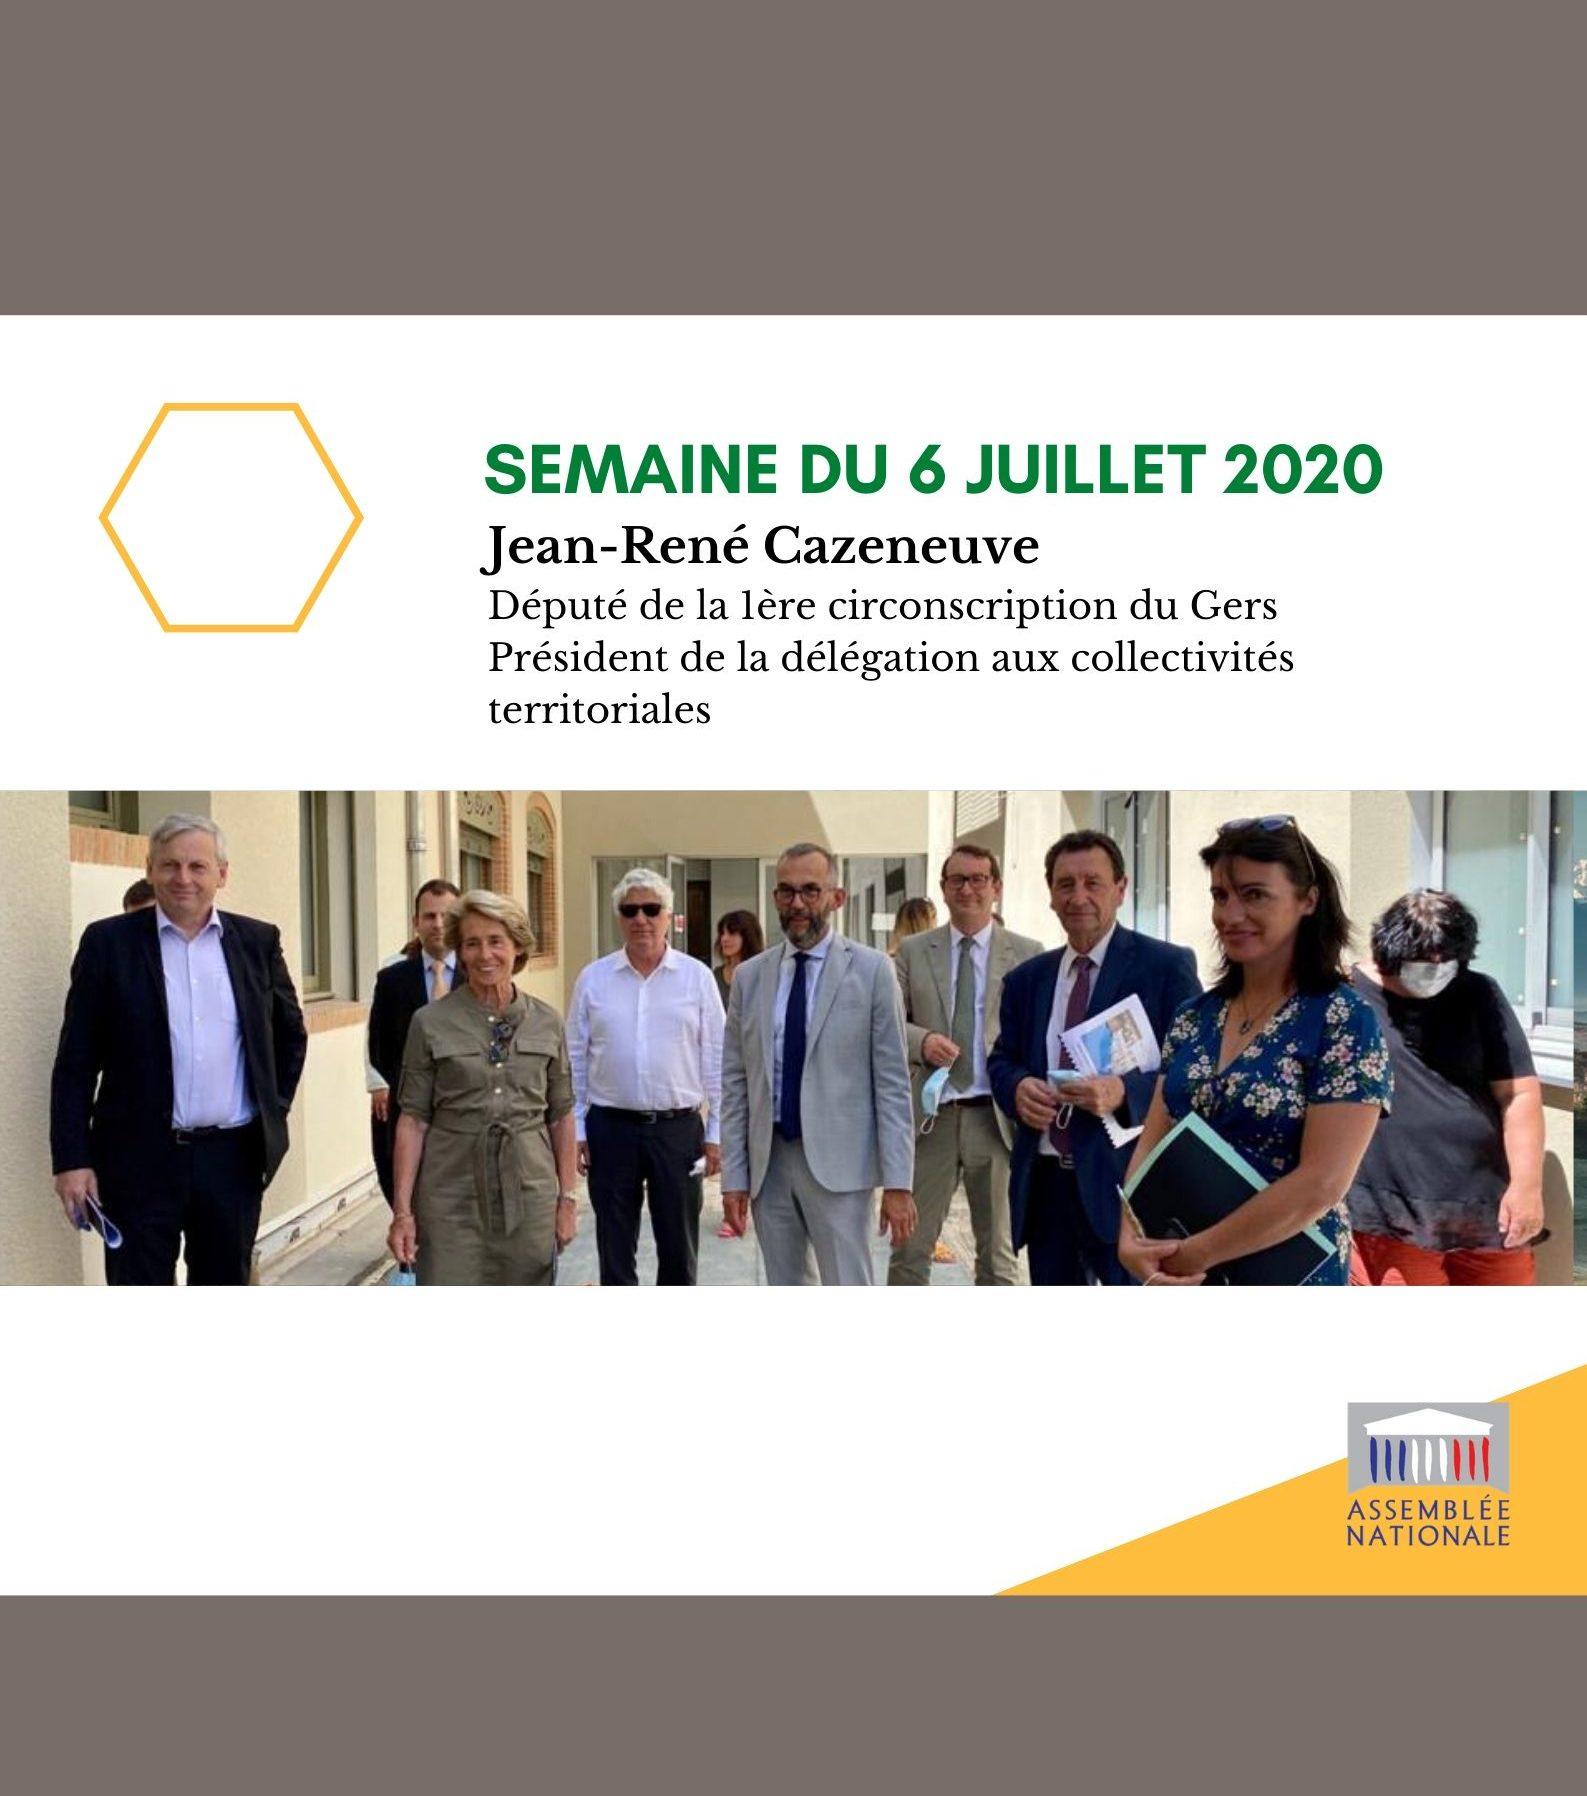 Semaine du 6 juillet 2020